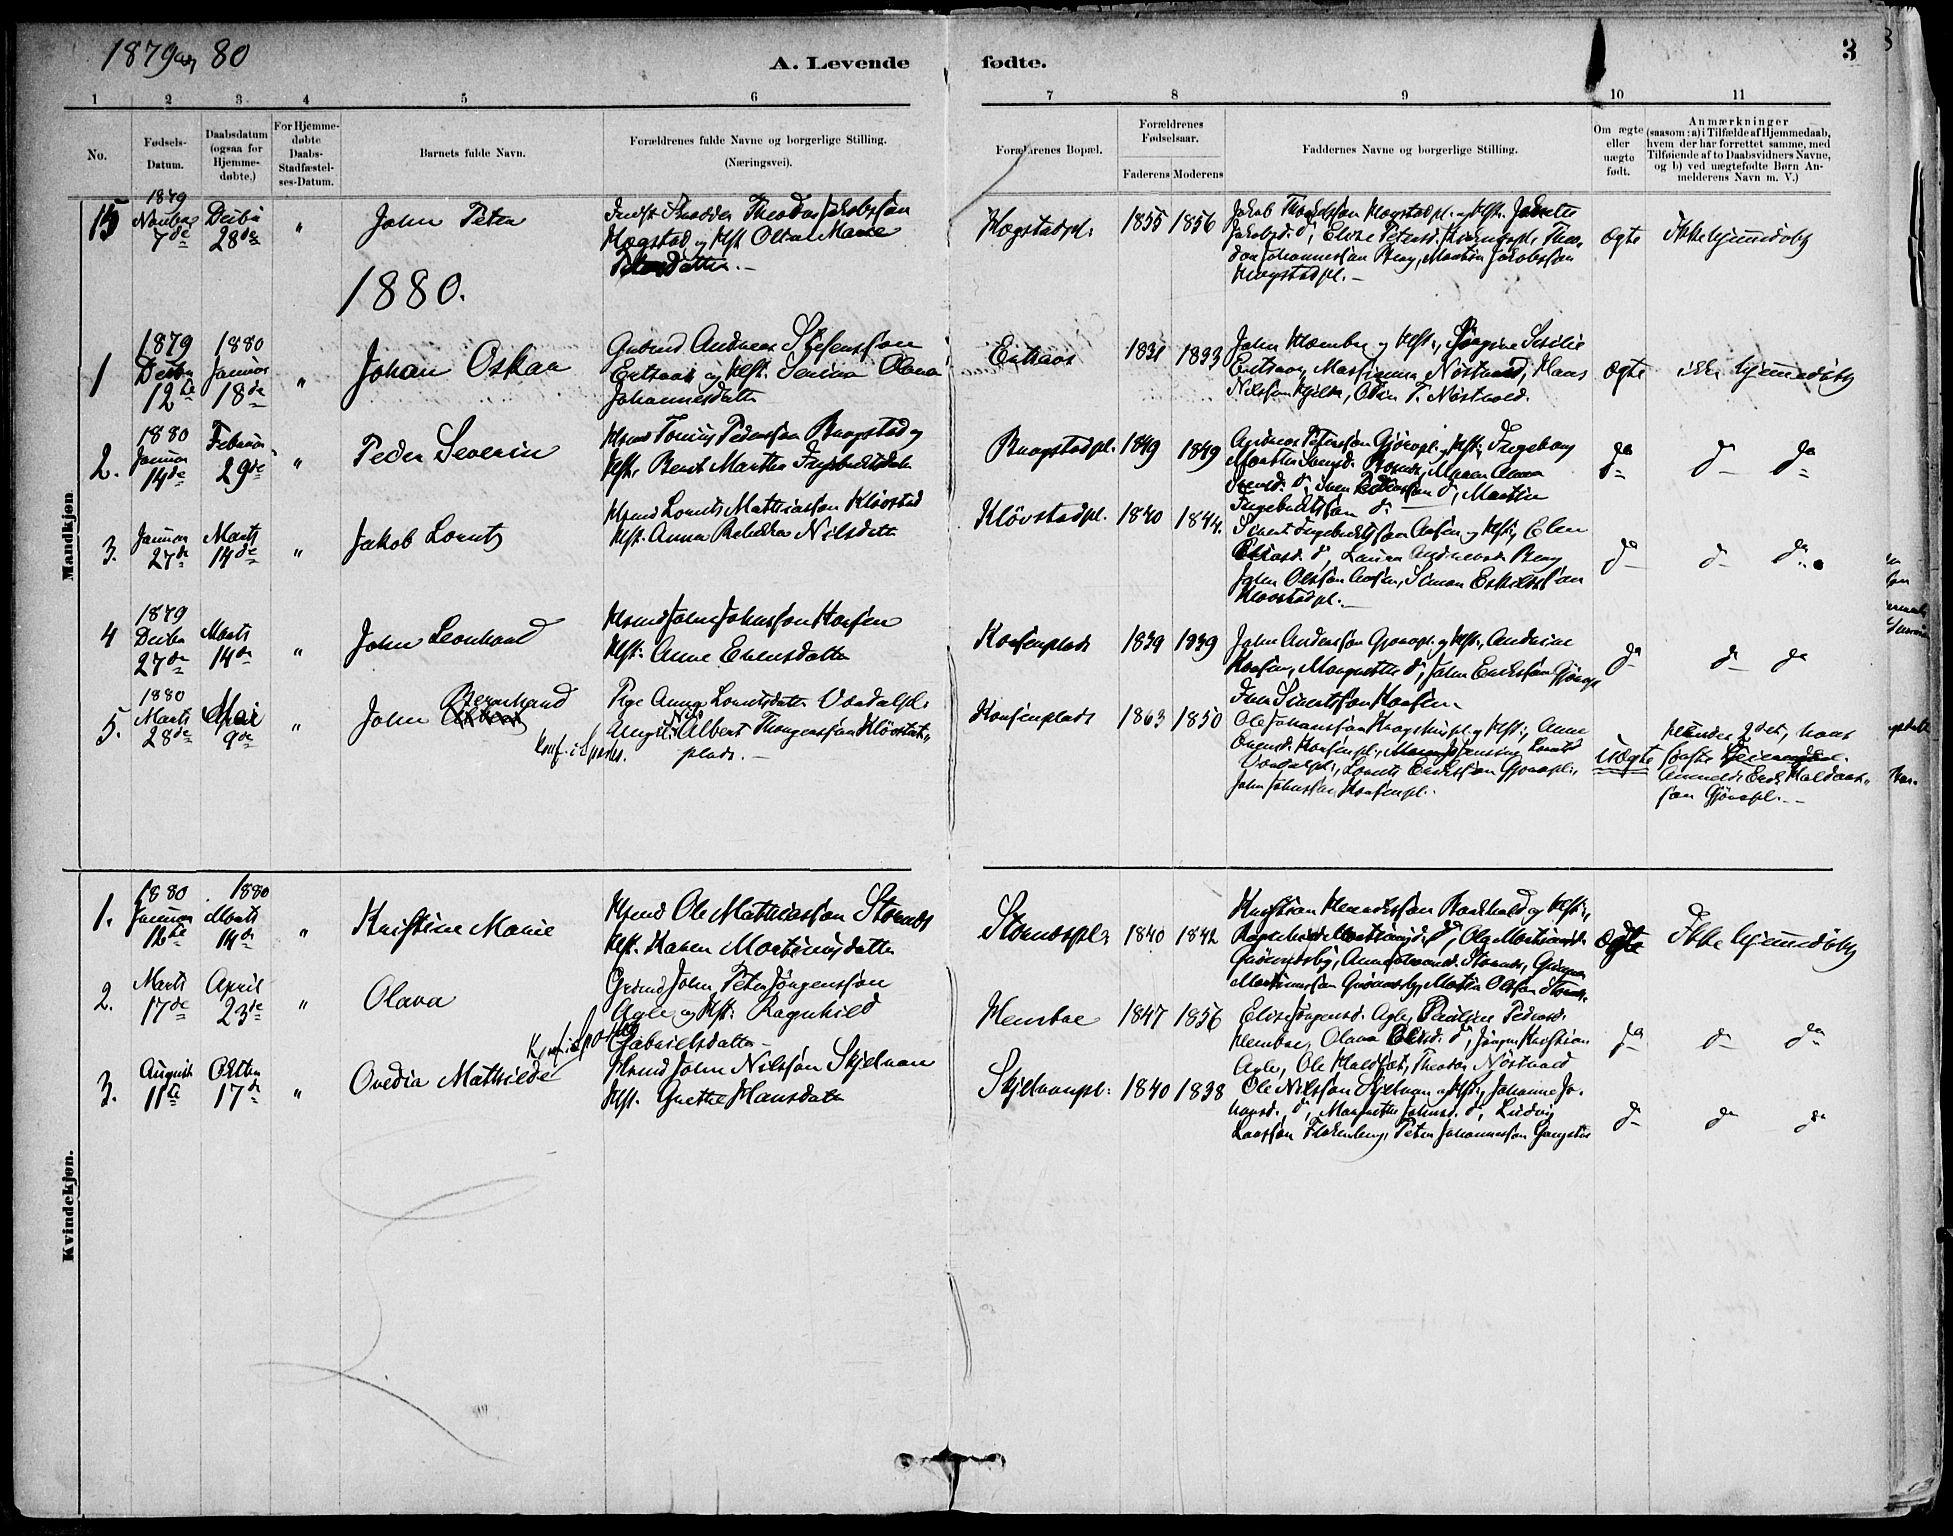 SAT, Ministerialprotokoller, klokkerbøker og fødselsregistre - Nord-Trøndelag, 732/L0316: Ministerialbok nr. 732A01, 1879-1921, s. 3